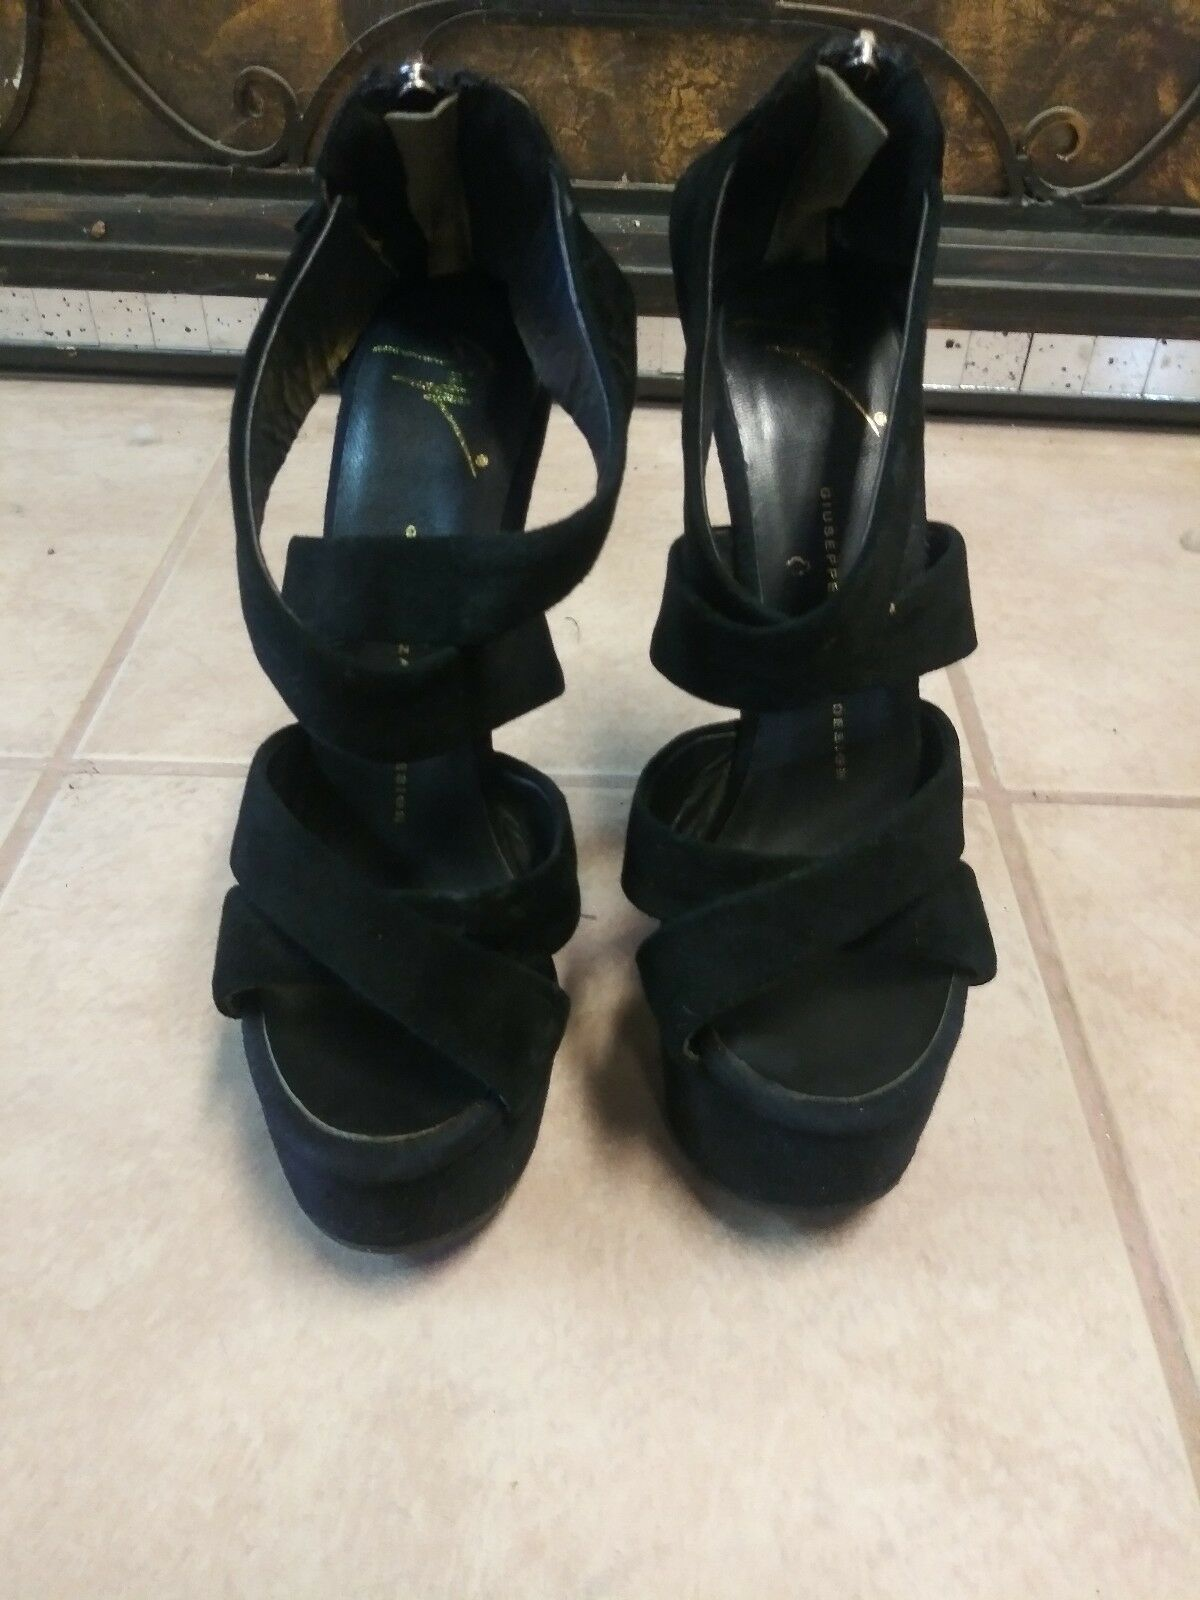 a prezzi accessibili Guissepe Zanotti Dimensione 37 scarpe scarpe scarpe  fino al 42% di sconto